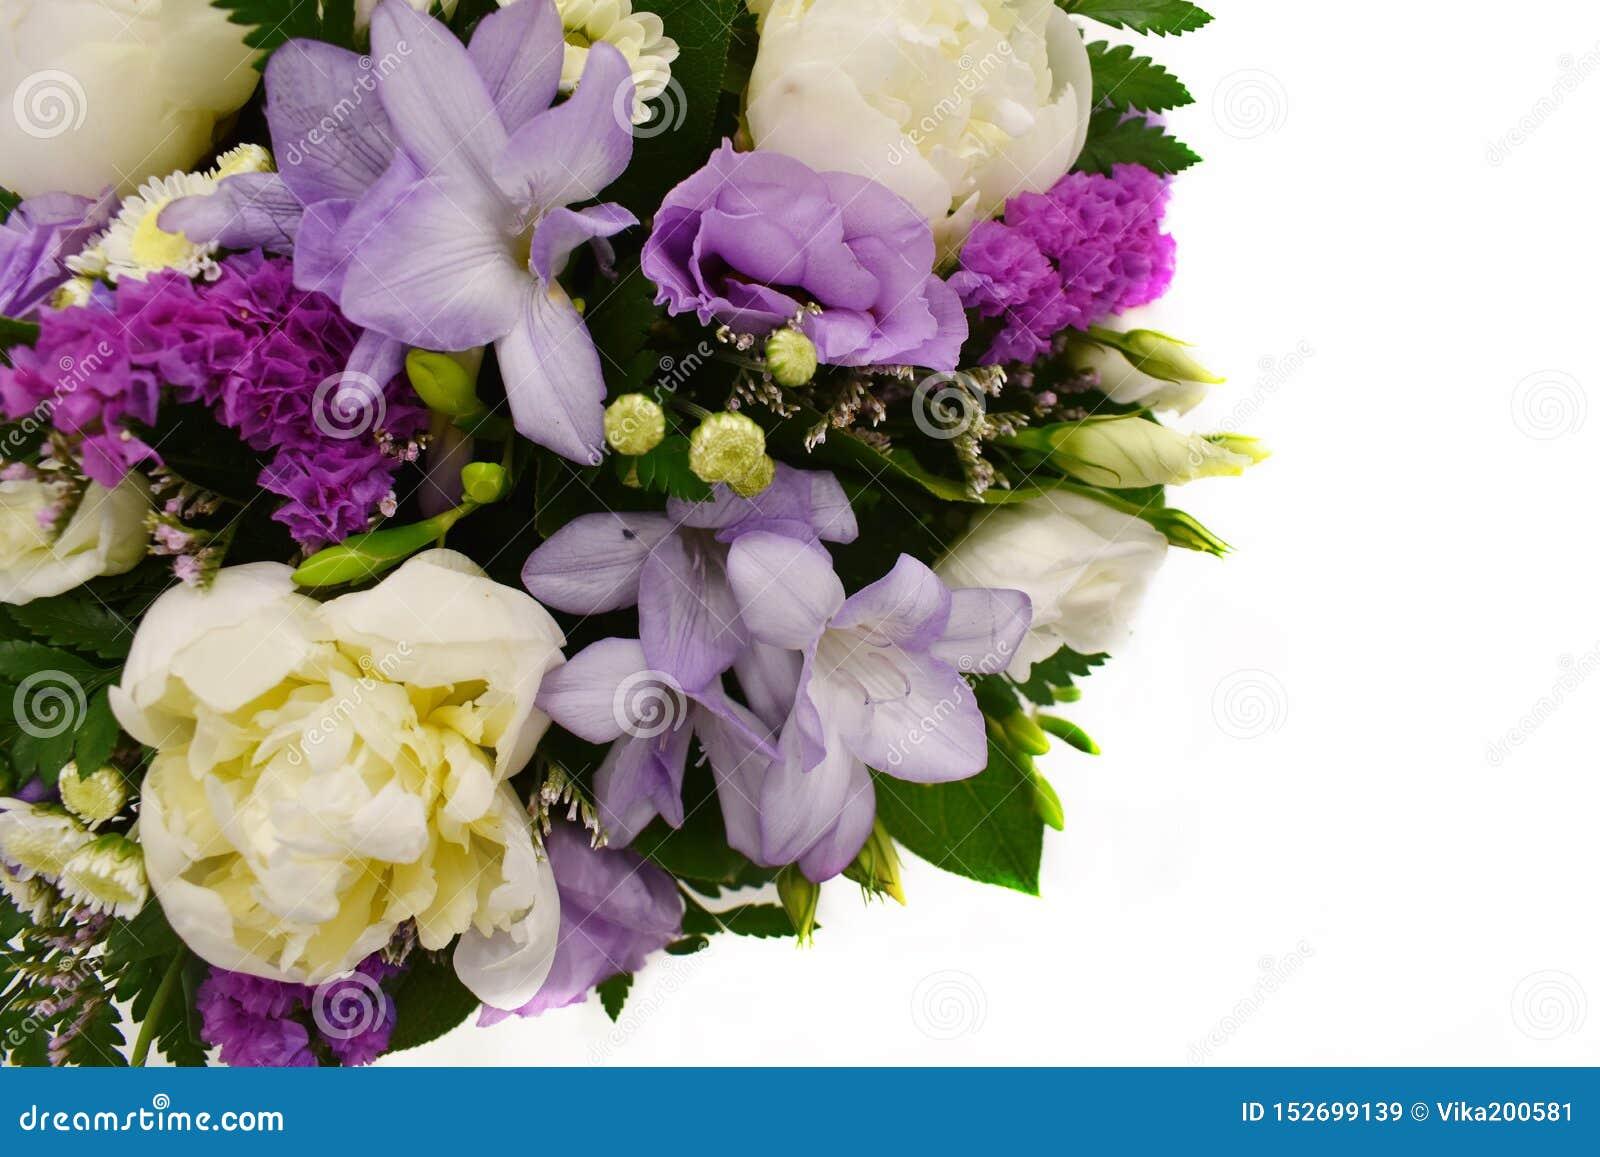 Bukiet kwiaty na białym tle z odbitkowym miejscem